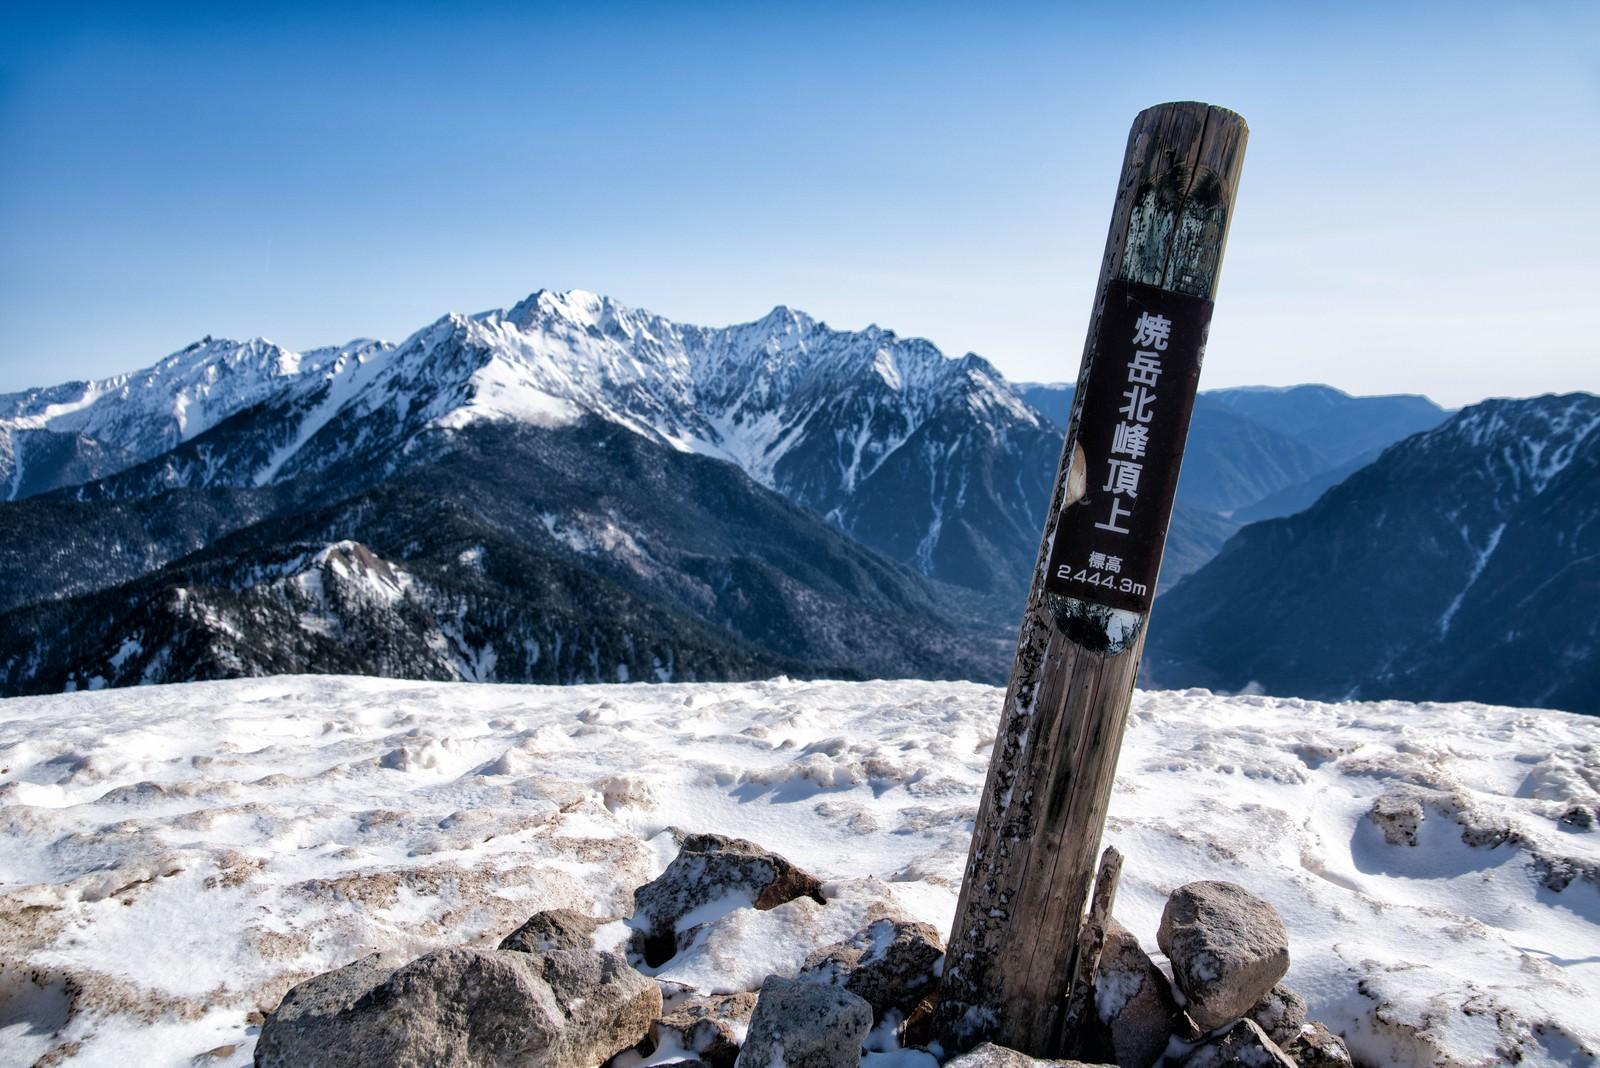 「焼岳山頂の標識」の写真